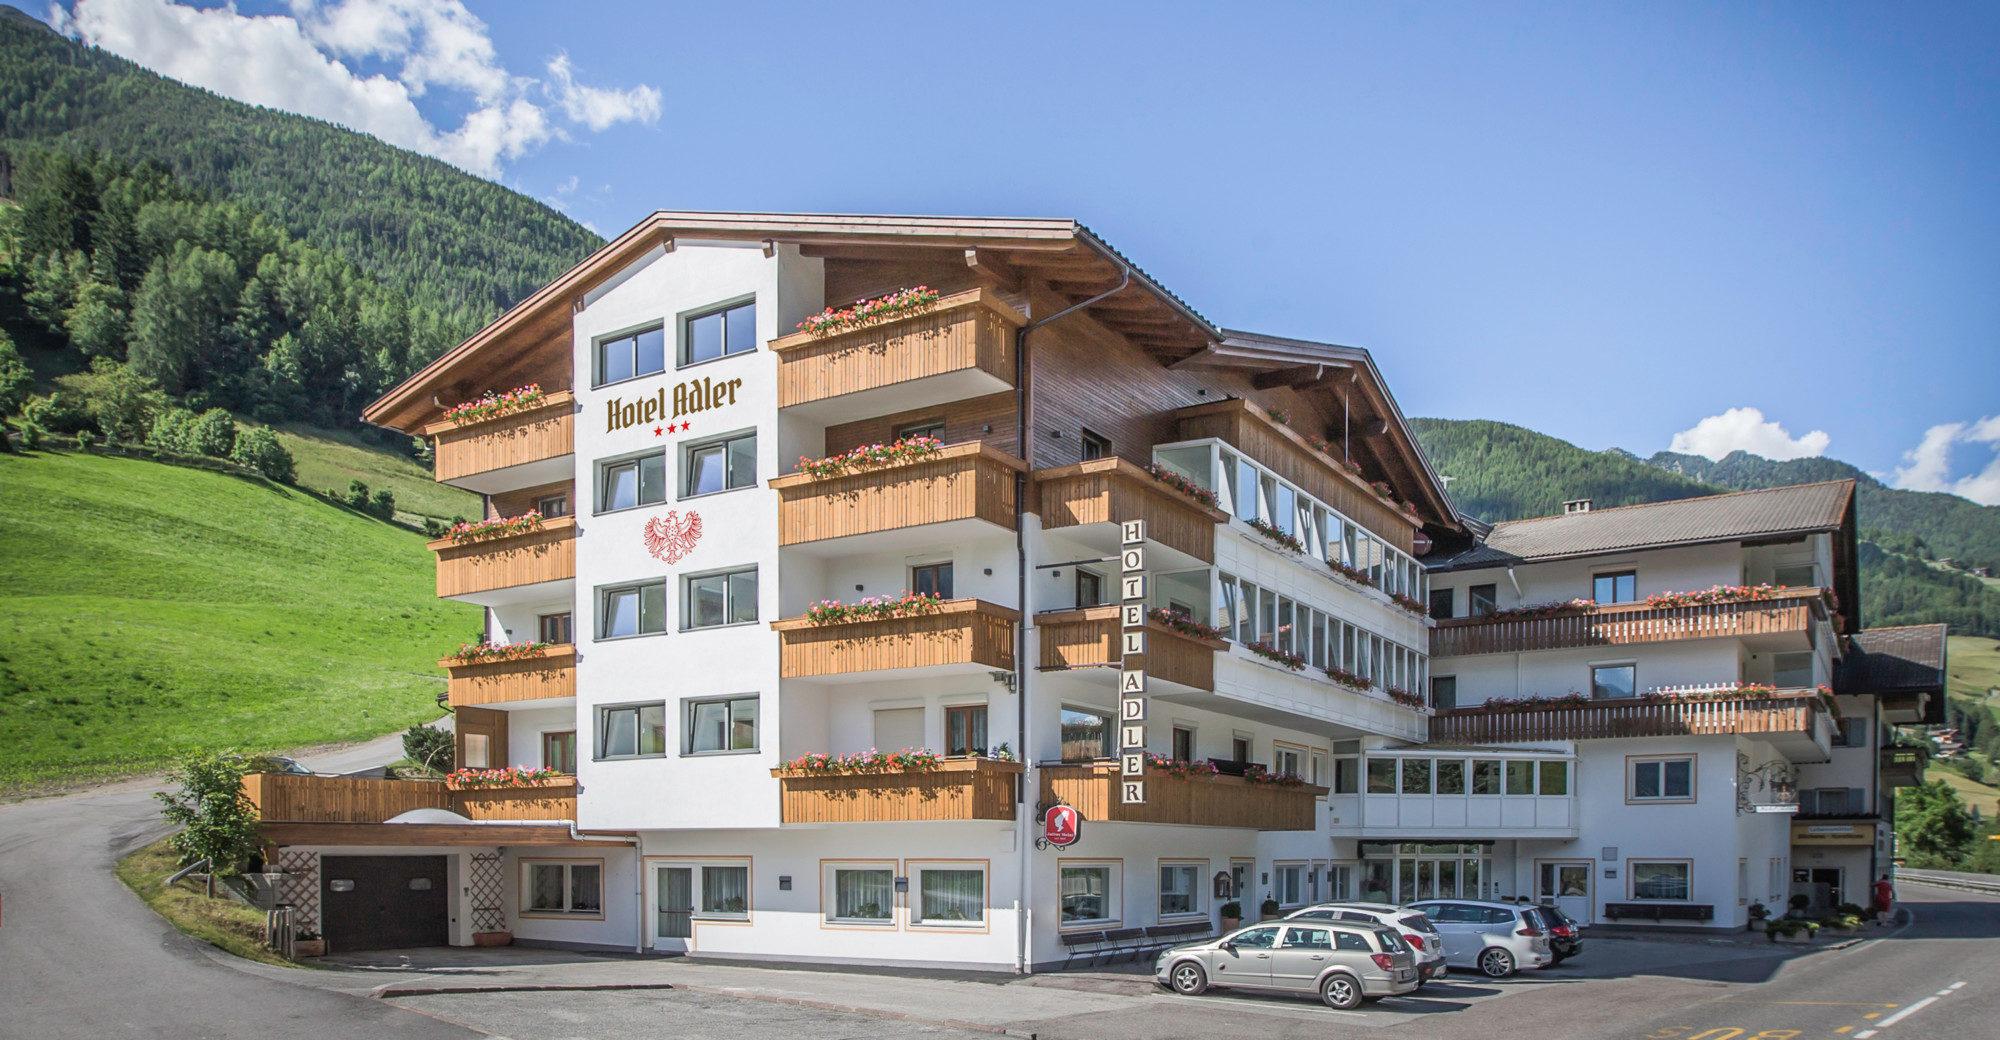 L hotel adler nella valle aurina for L hotel della cabina islanda